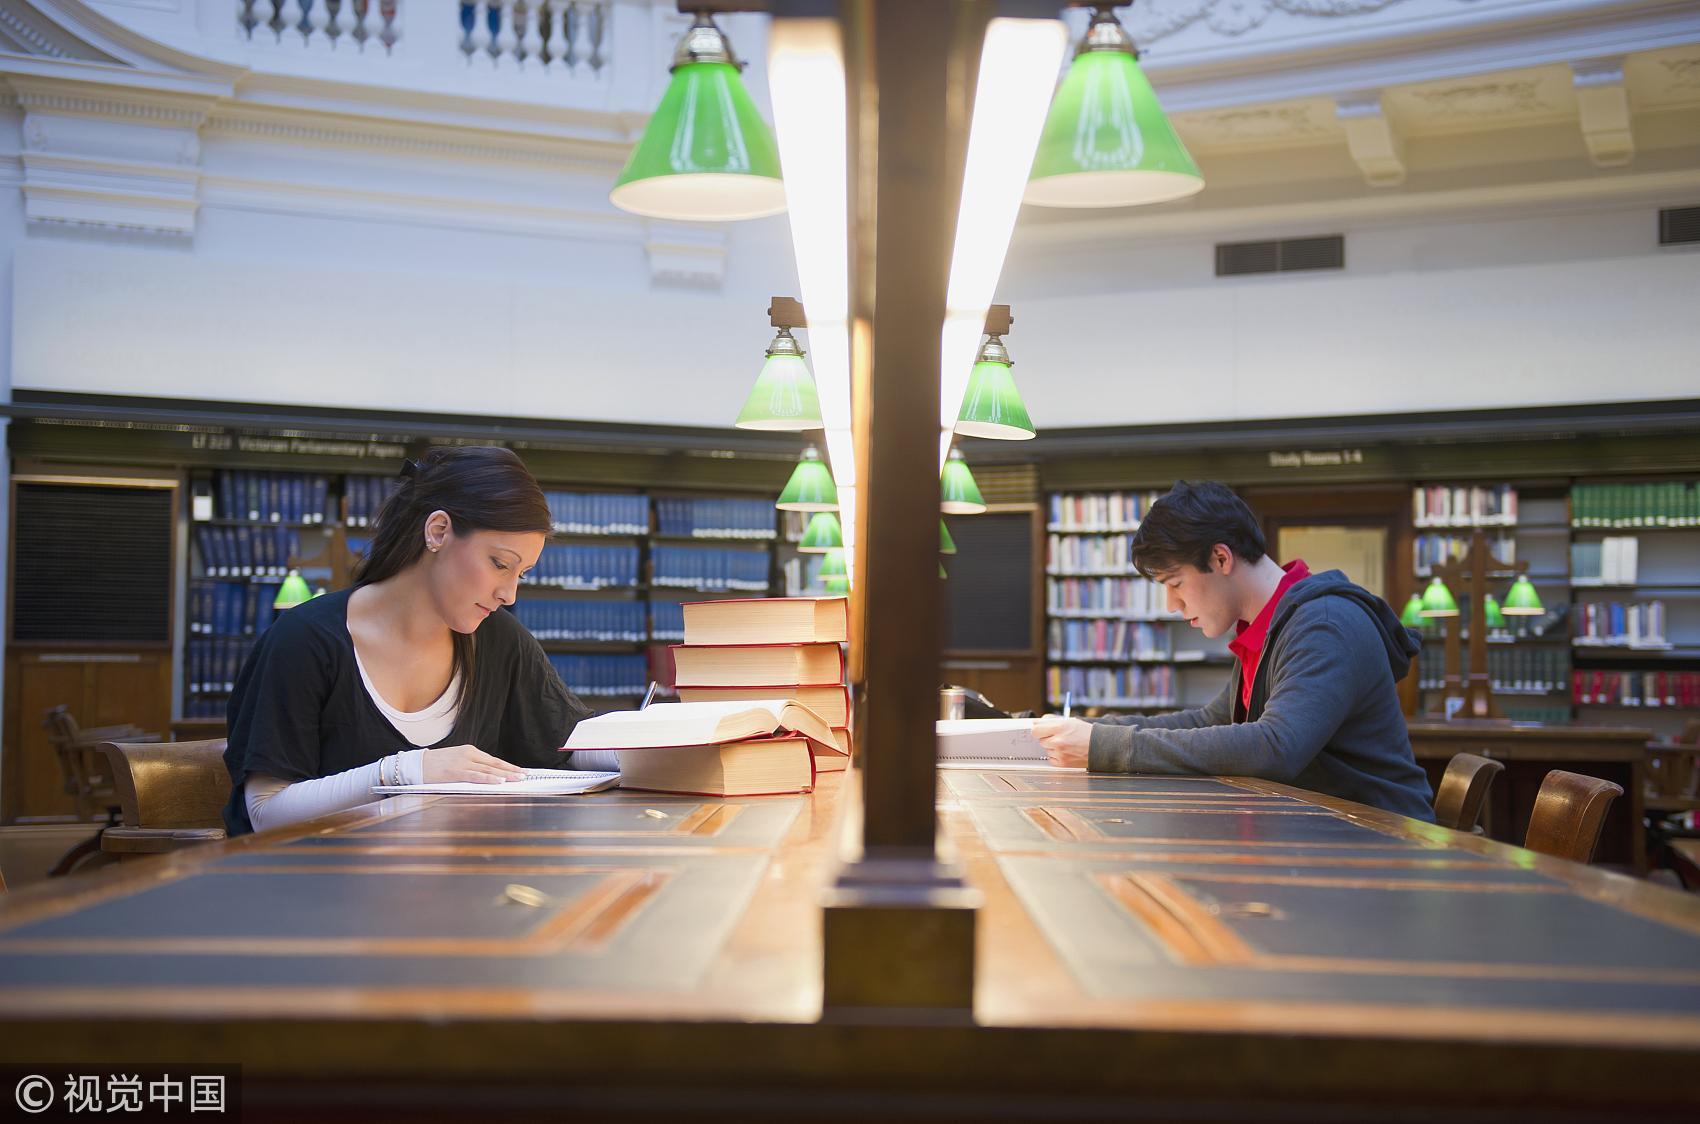 澳大利亚教育出口价值提升 中国留学生消费大增